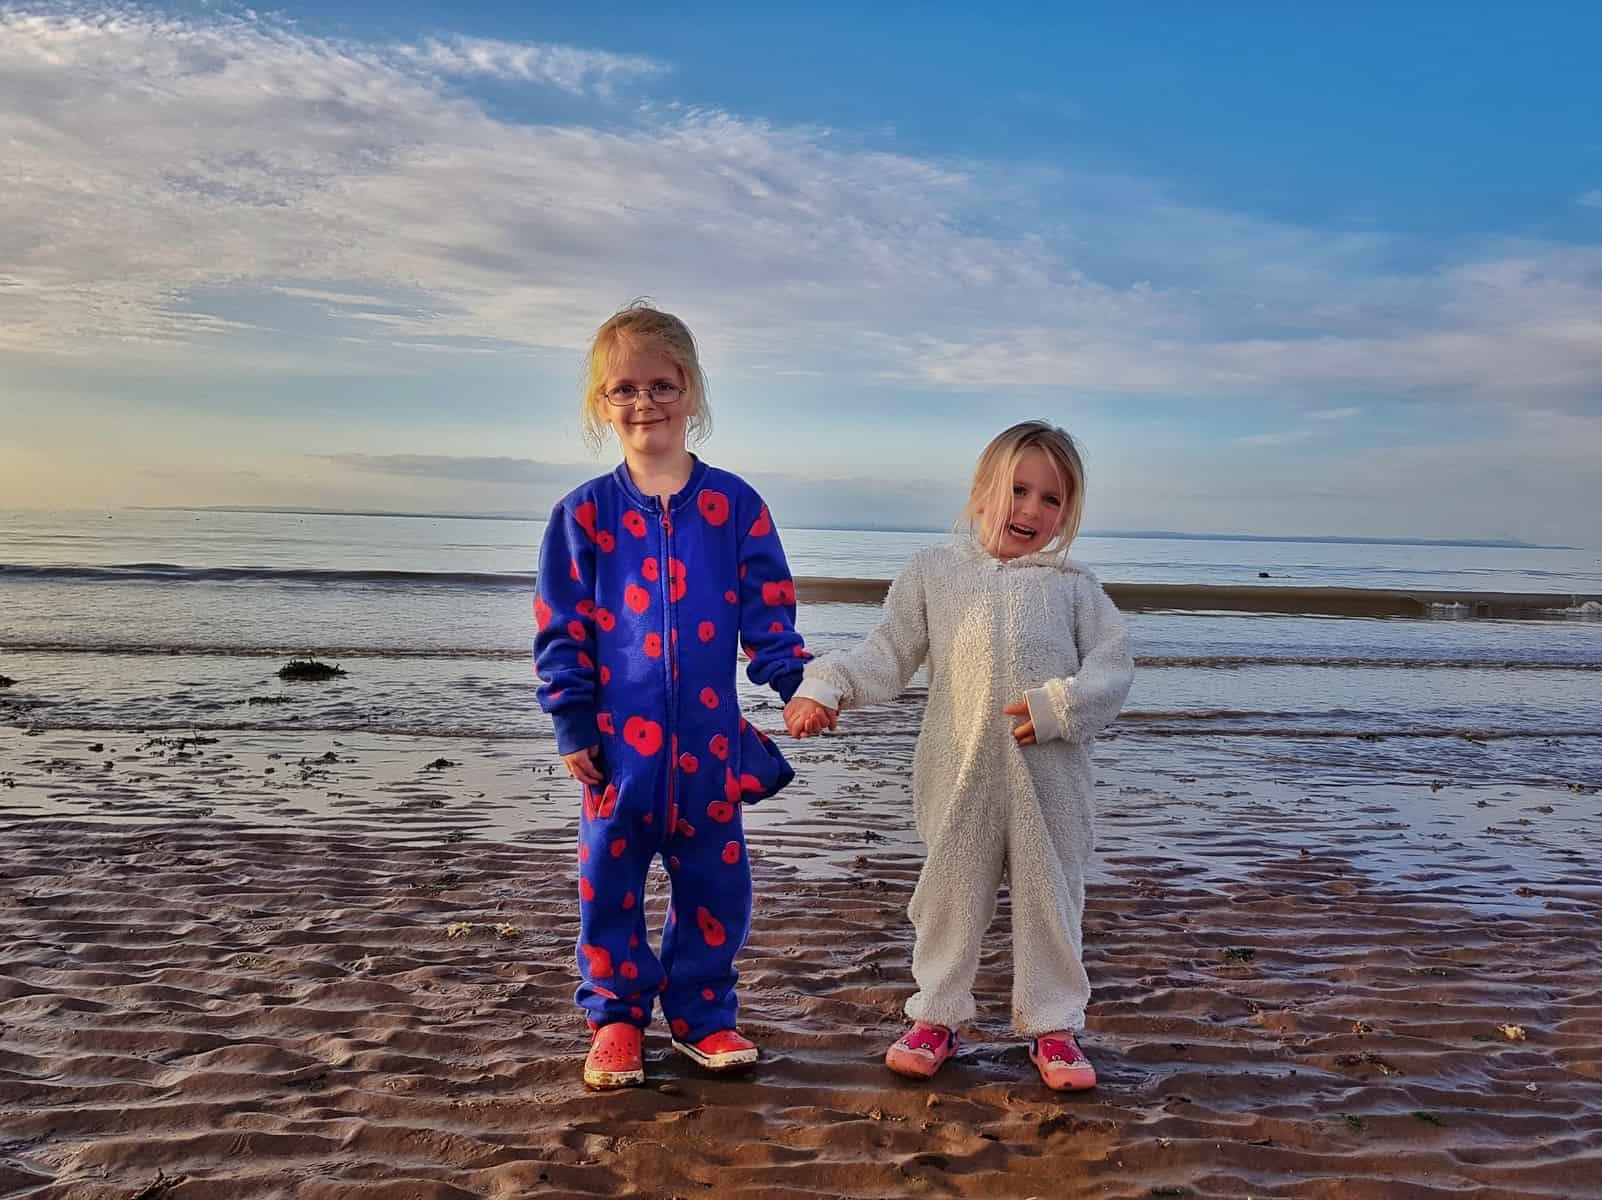 Hoburne Blue Anchor children on beach in onesies